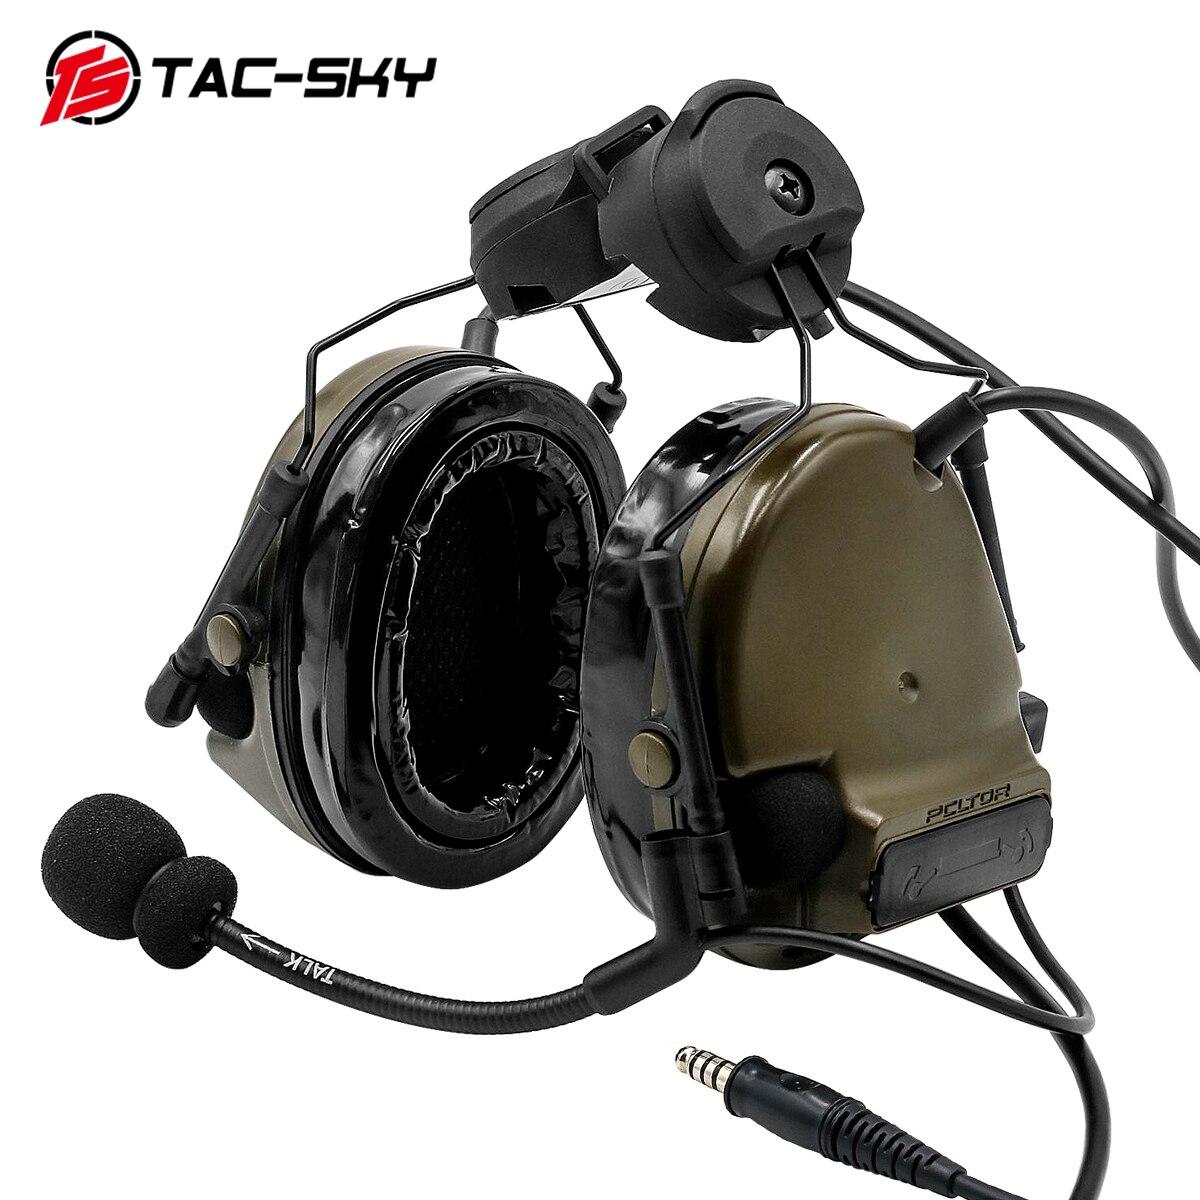 COMTAC TAC-SKY Comtac iii خوذة المسار السريع قوس الإصدار سيليكون للأذنين الحد من الضوضاء لاقط التكتيكية سماعة